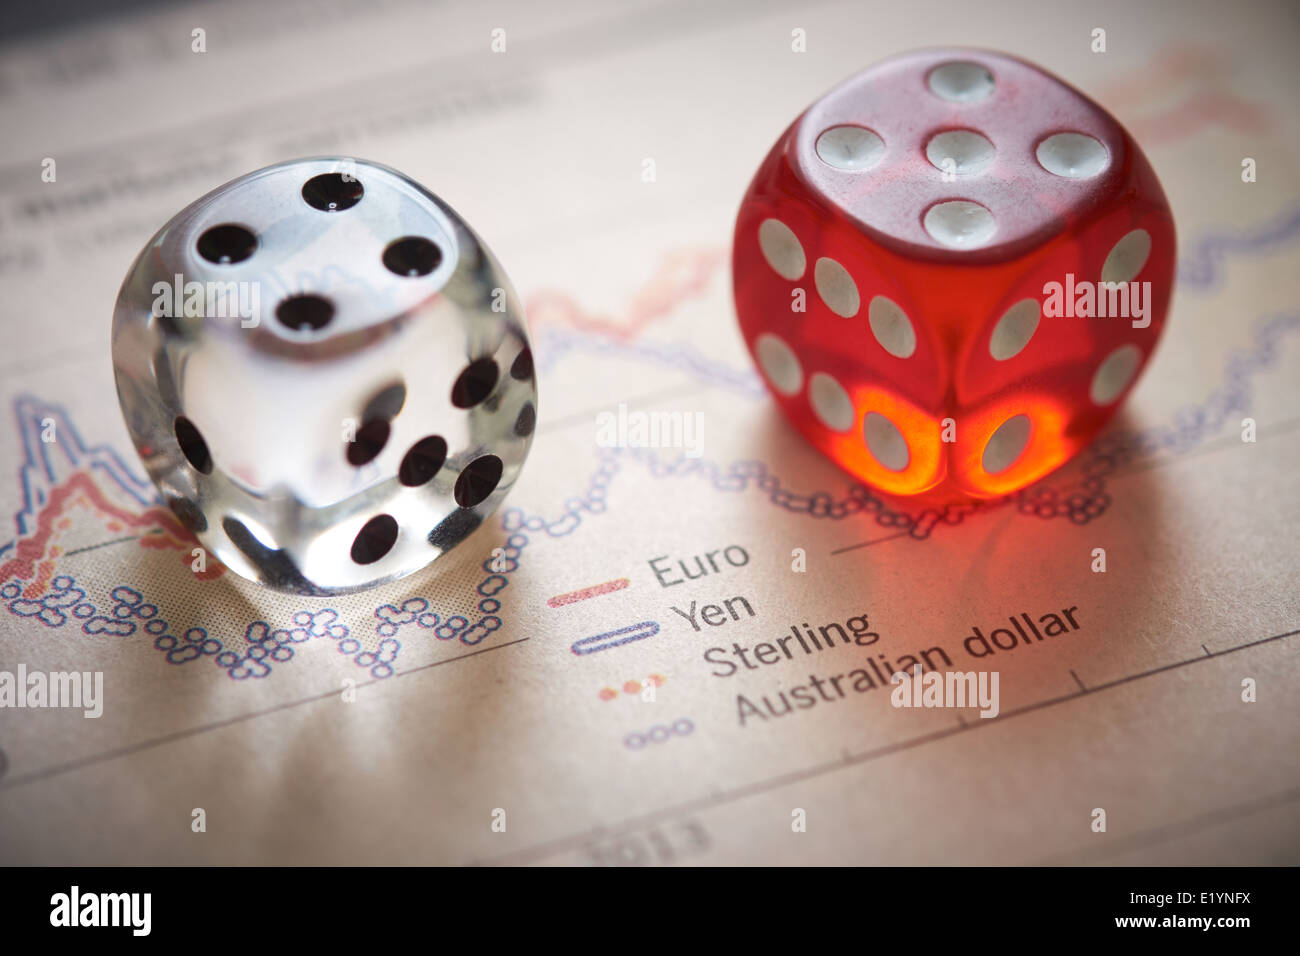 Le trading de devises. Dés de couleur en haut de la partie financière d'un journal. Photo Stock